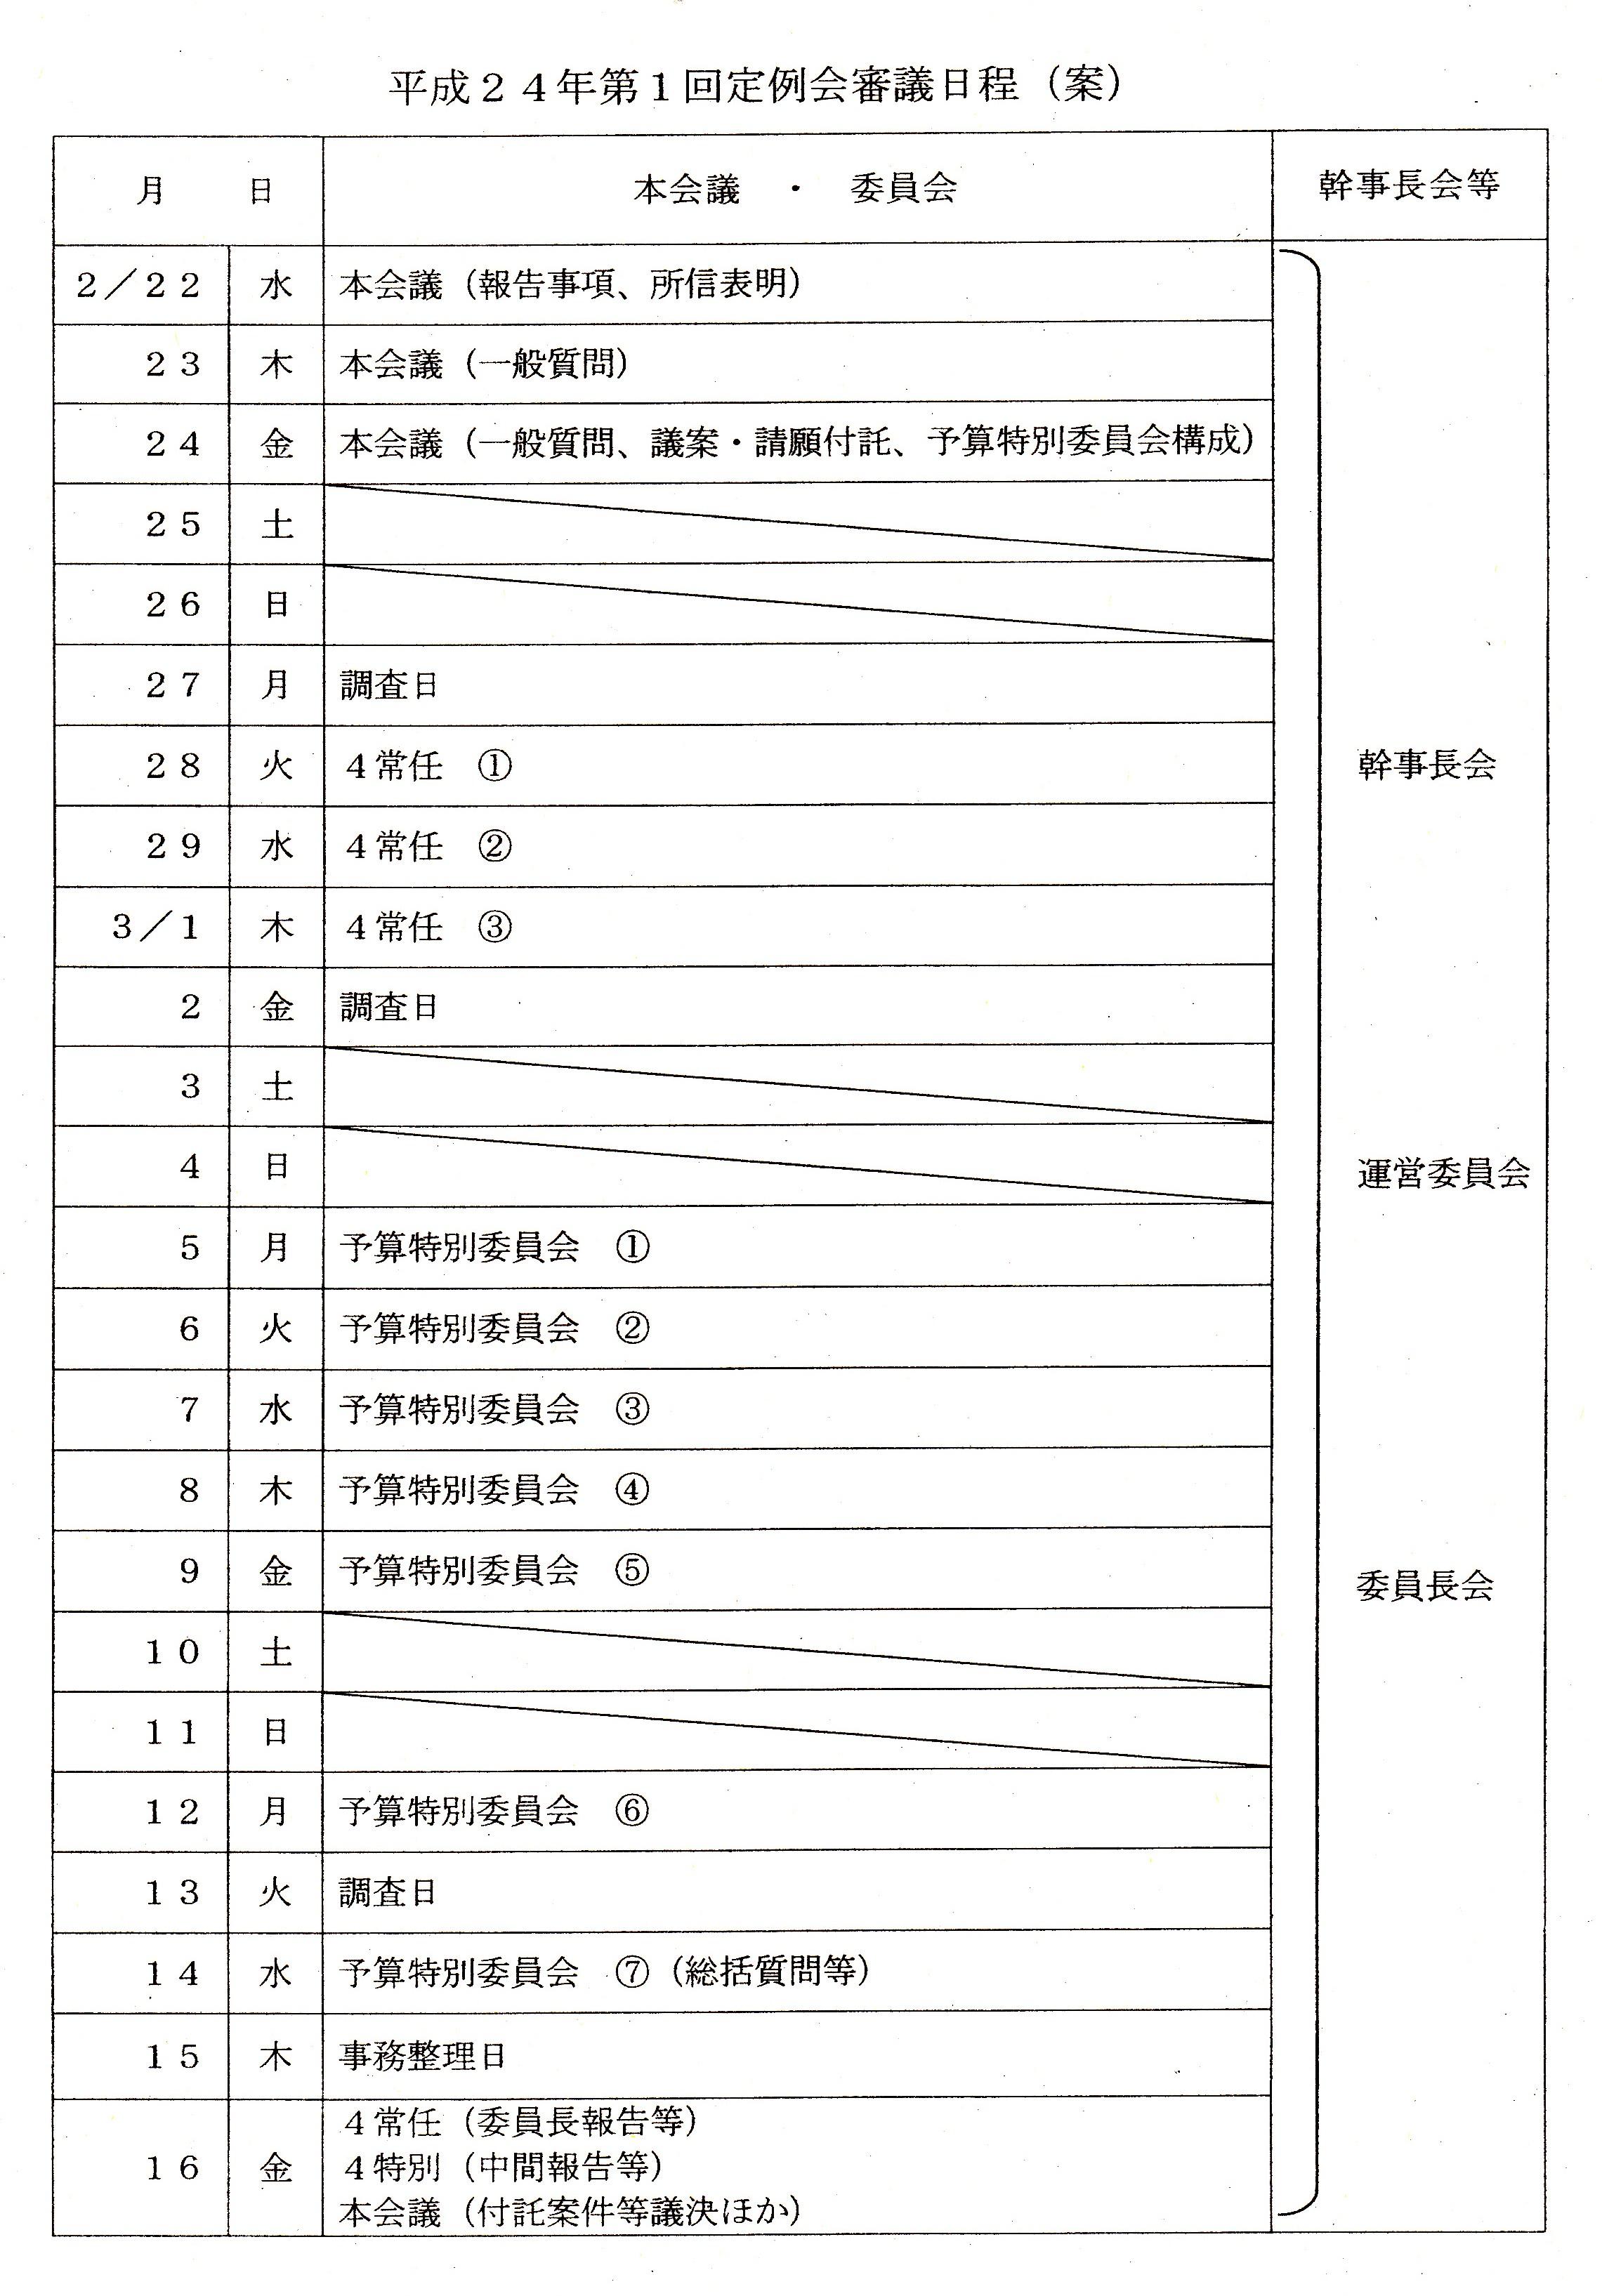 第1回定例会審議日程(案).jpg